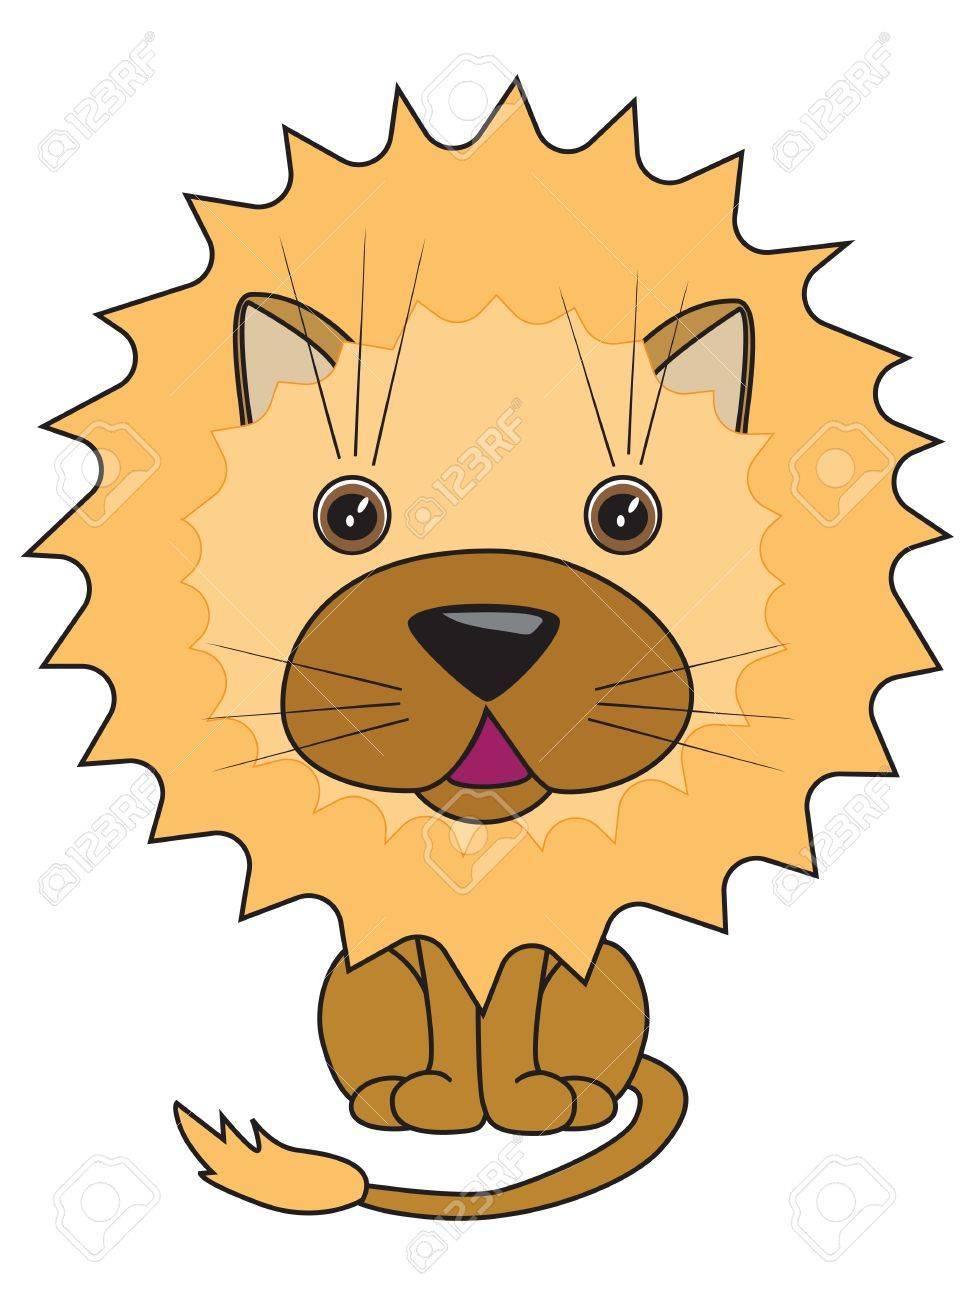 かわいいライオンの漫画イラストのイラスト素材ベクタ Image 18296209